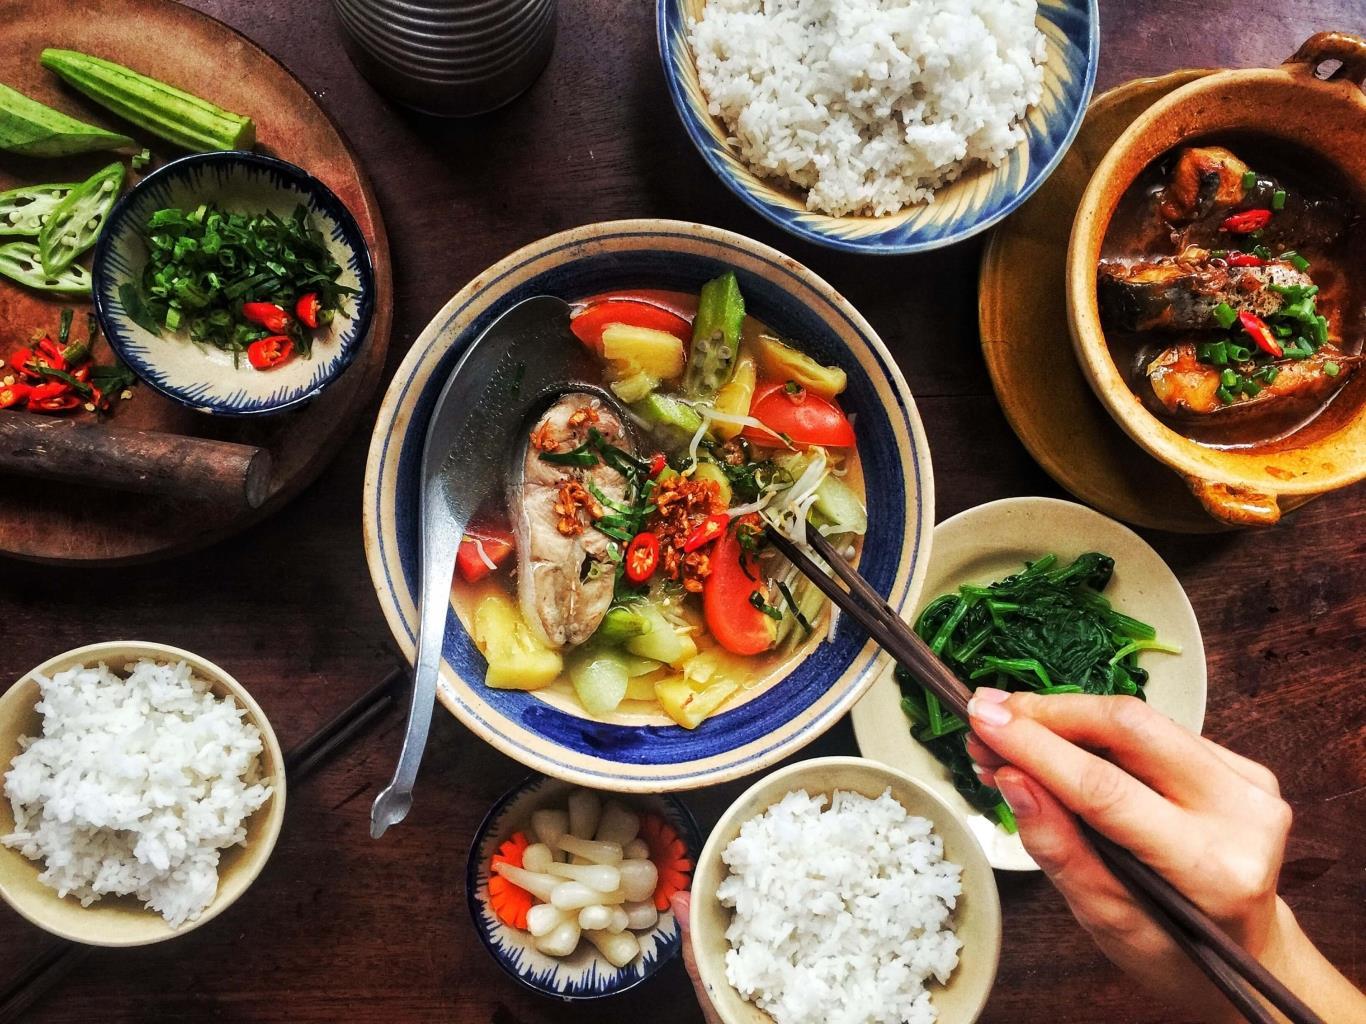 Bữa cơm người Việt - Ảnh: Internet